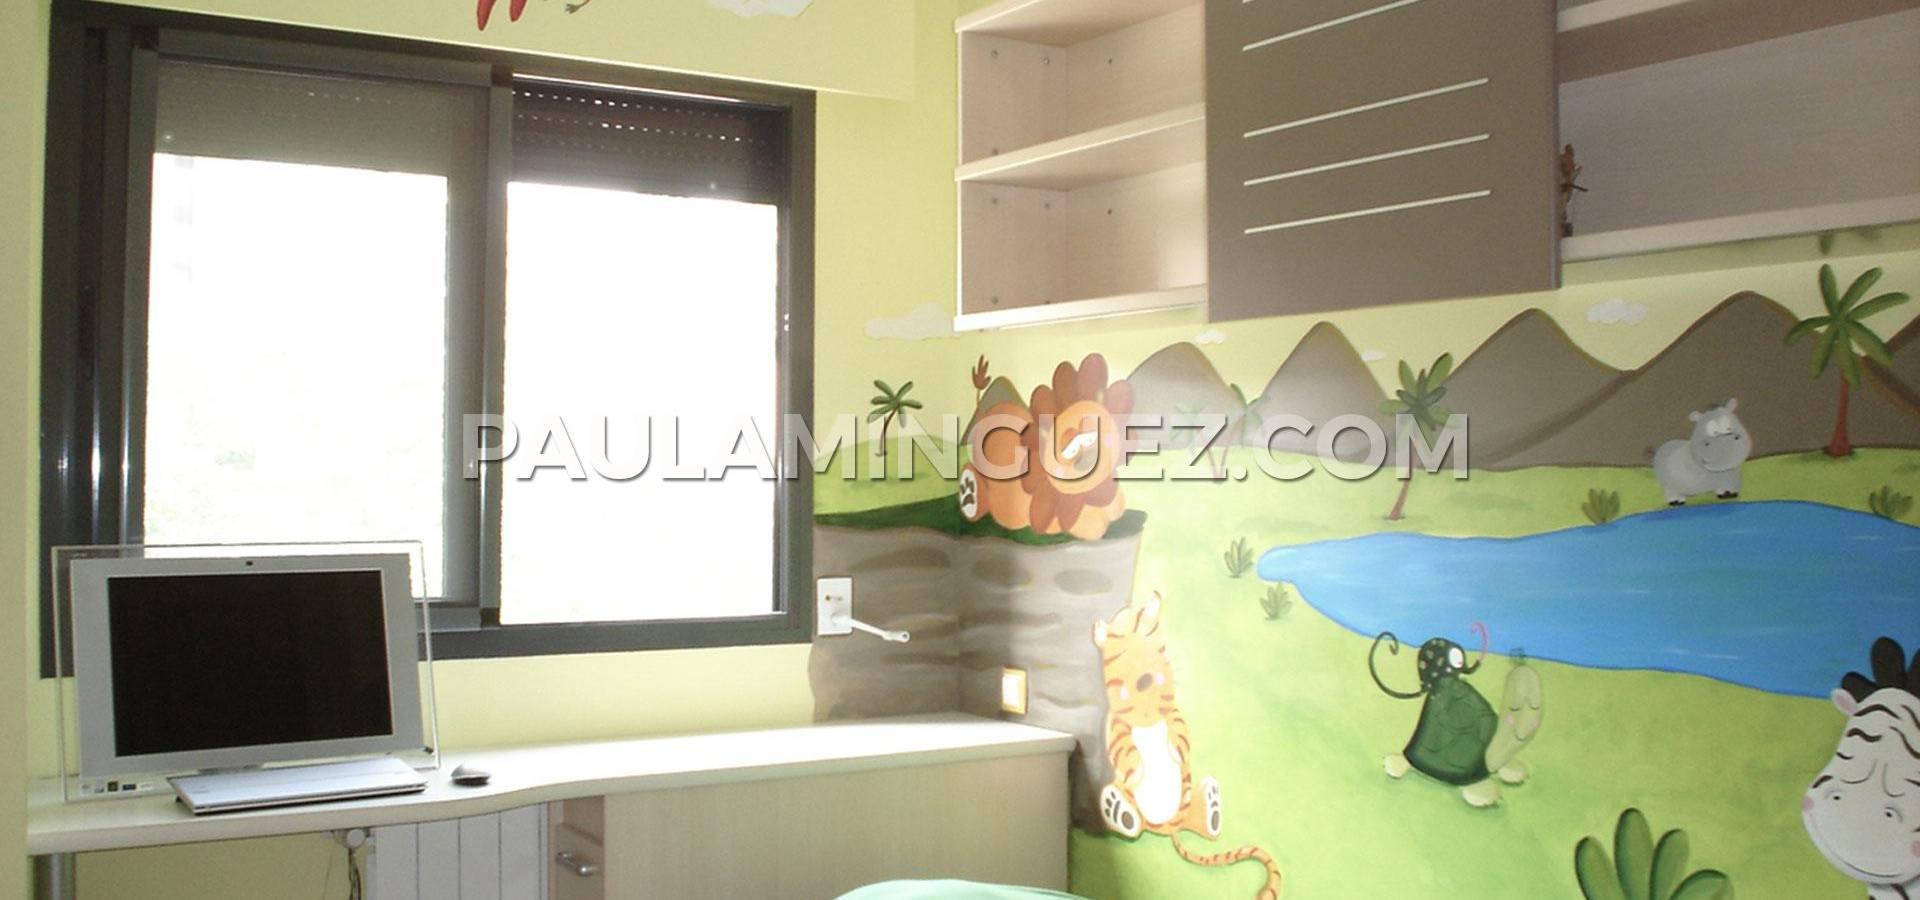 Murales Y Cuadros Por Paula M Nguez Pintores En Madrid Homify ~ Murales Decorativos Para Habitaciones De Adultos